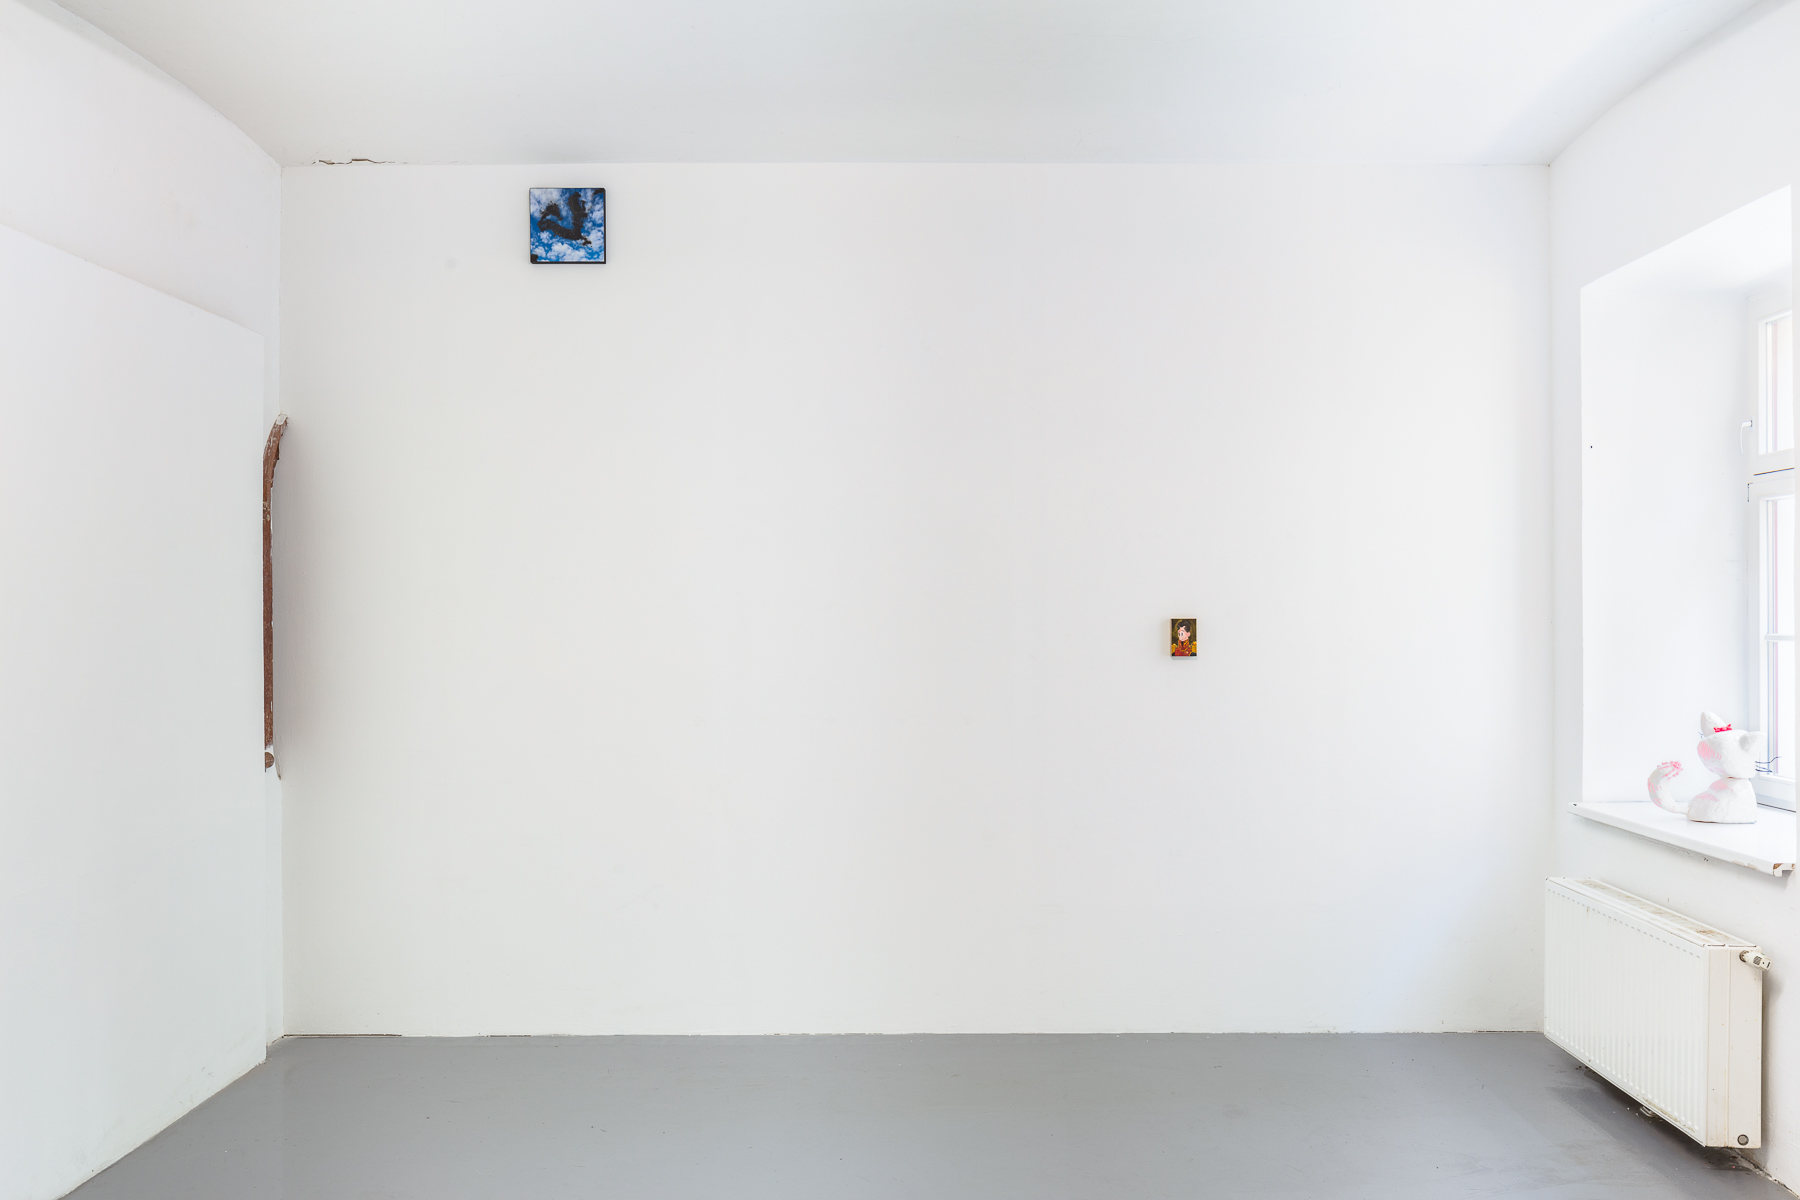 2019_07_23_Ebullicion_Kunstraum-am-Schauplatz_029_web.jpg